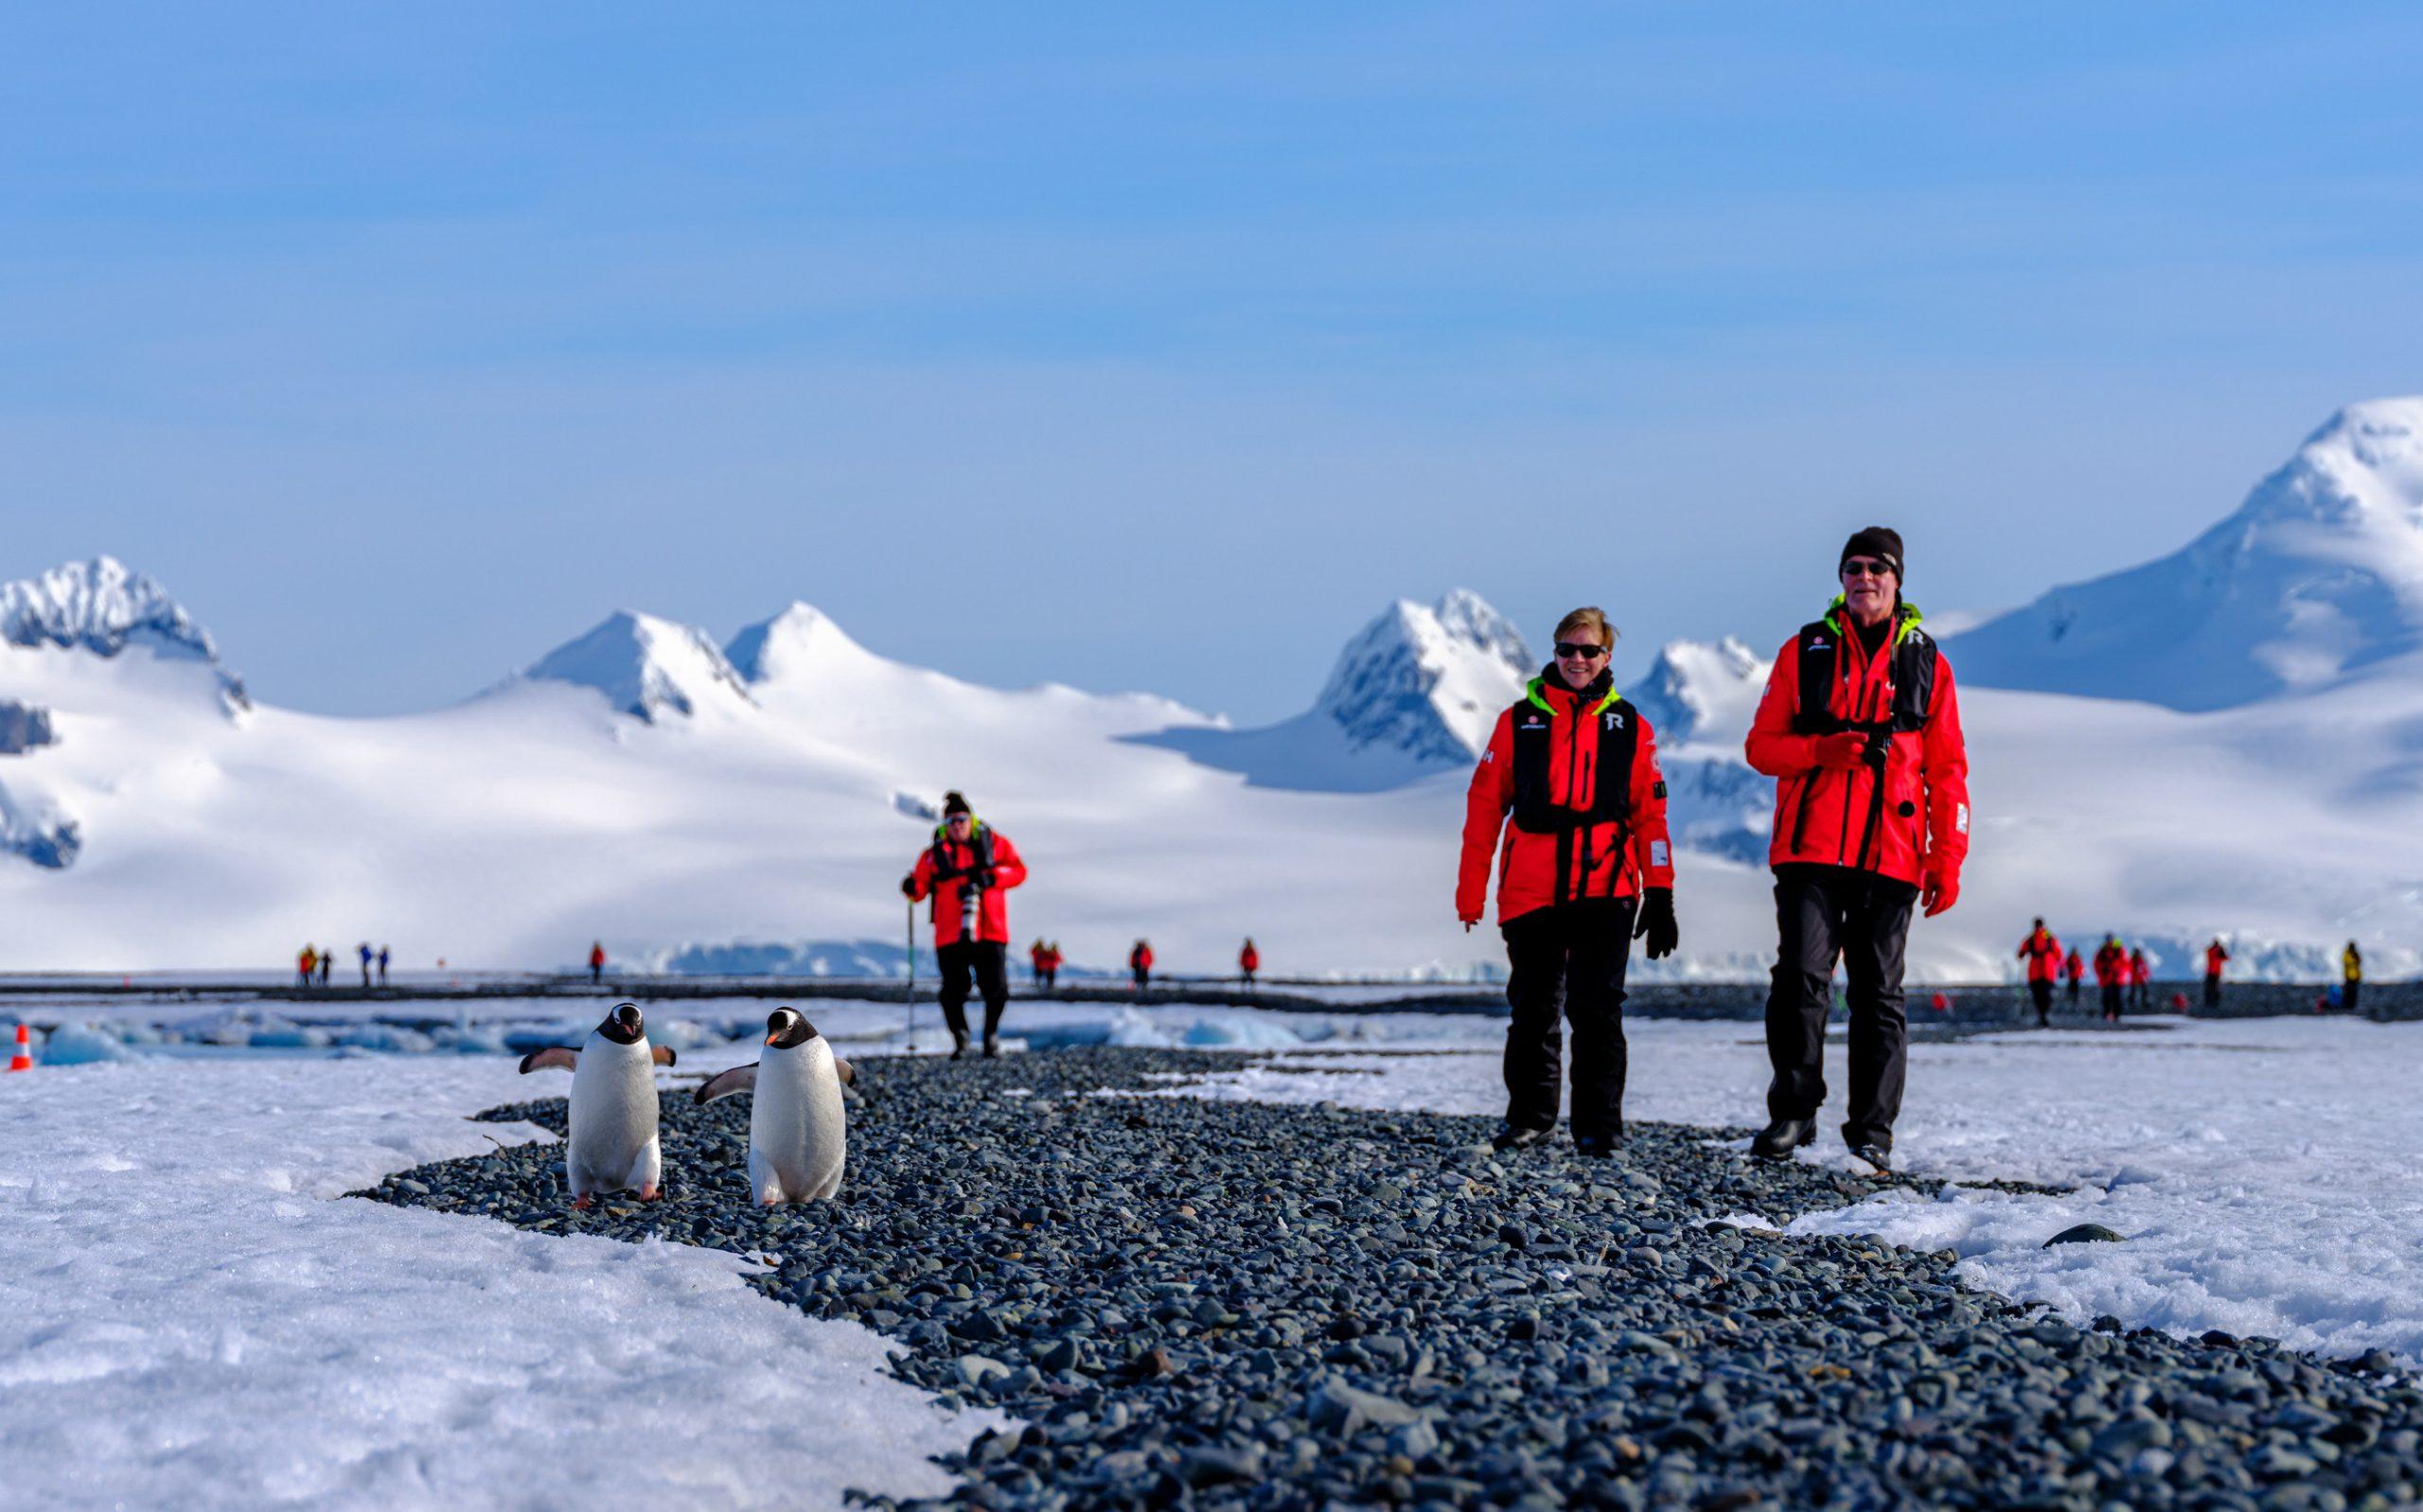 Landing MS Roald Amundsen HGR Photo Cred Dan Avila